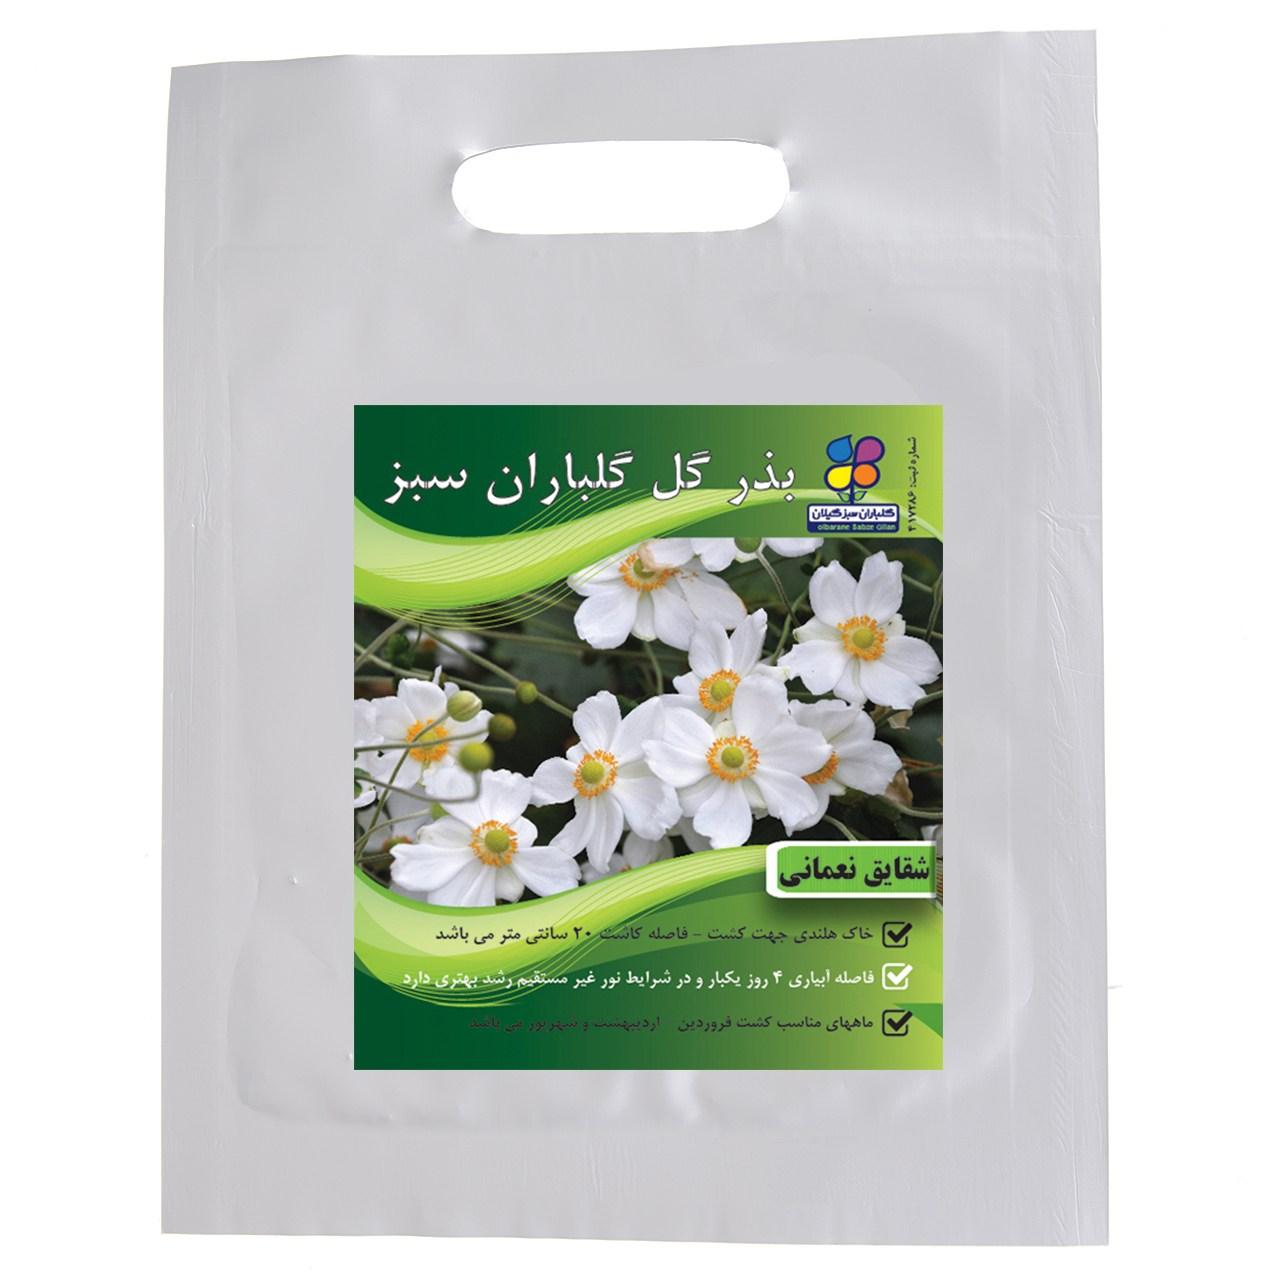 بذر گل شقایق نعمانی گلباران سبز